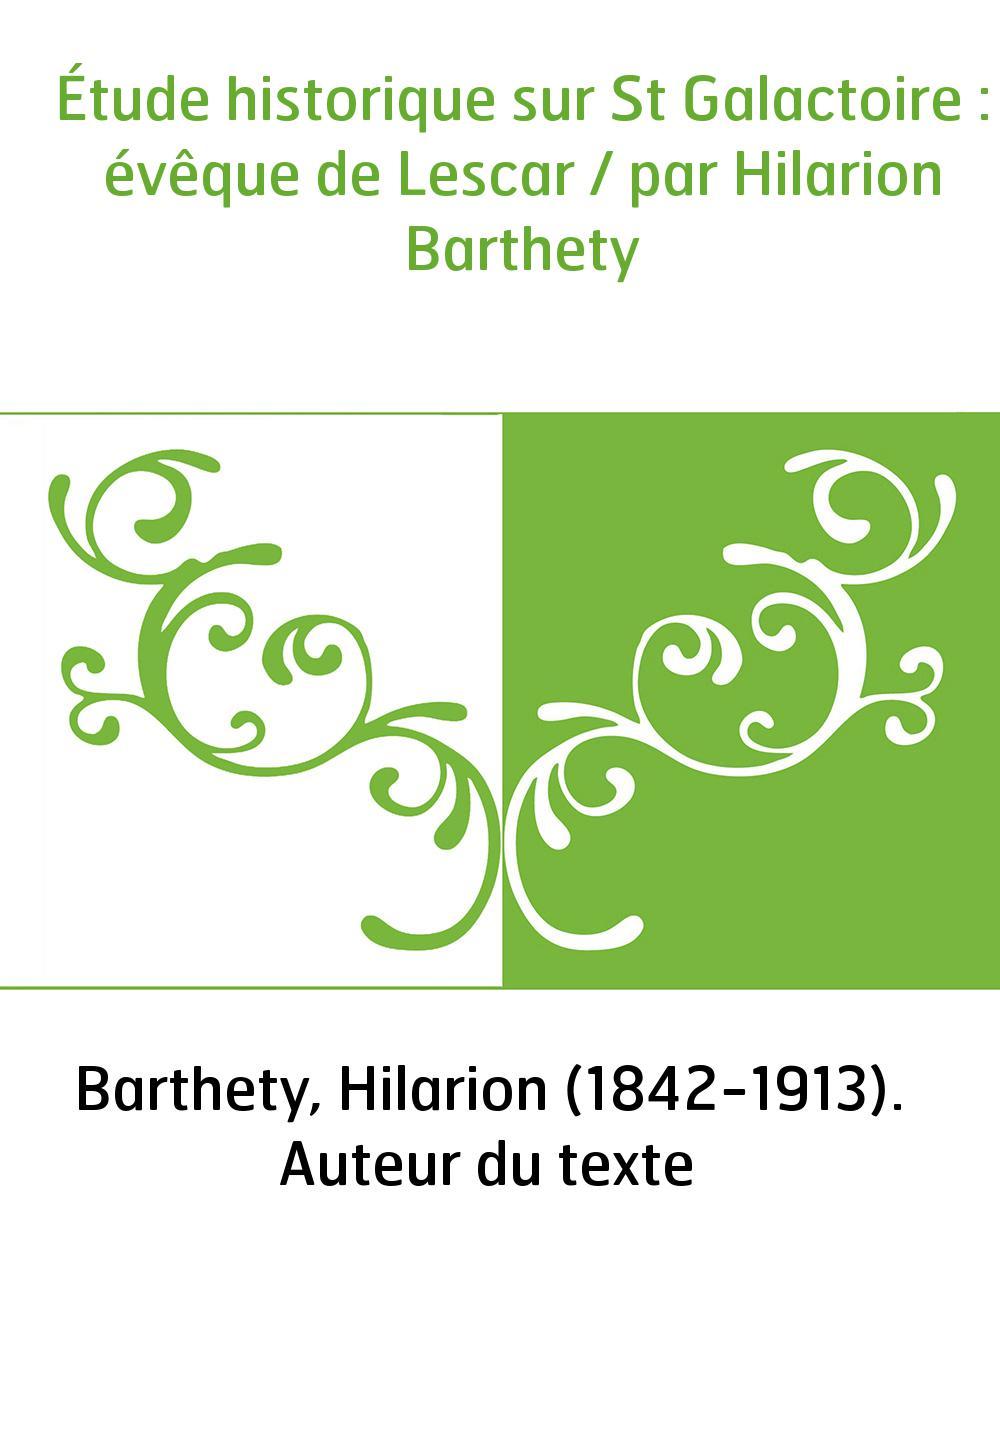 Étude historique sur St Galactoire : évêque de Lescar / par Hilarion Barthety